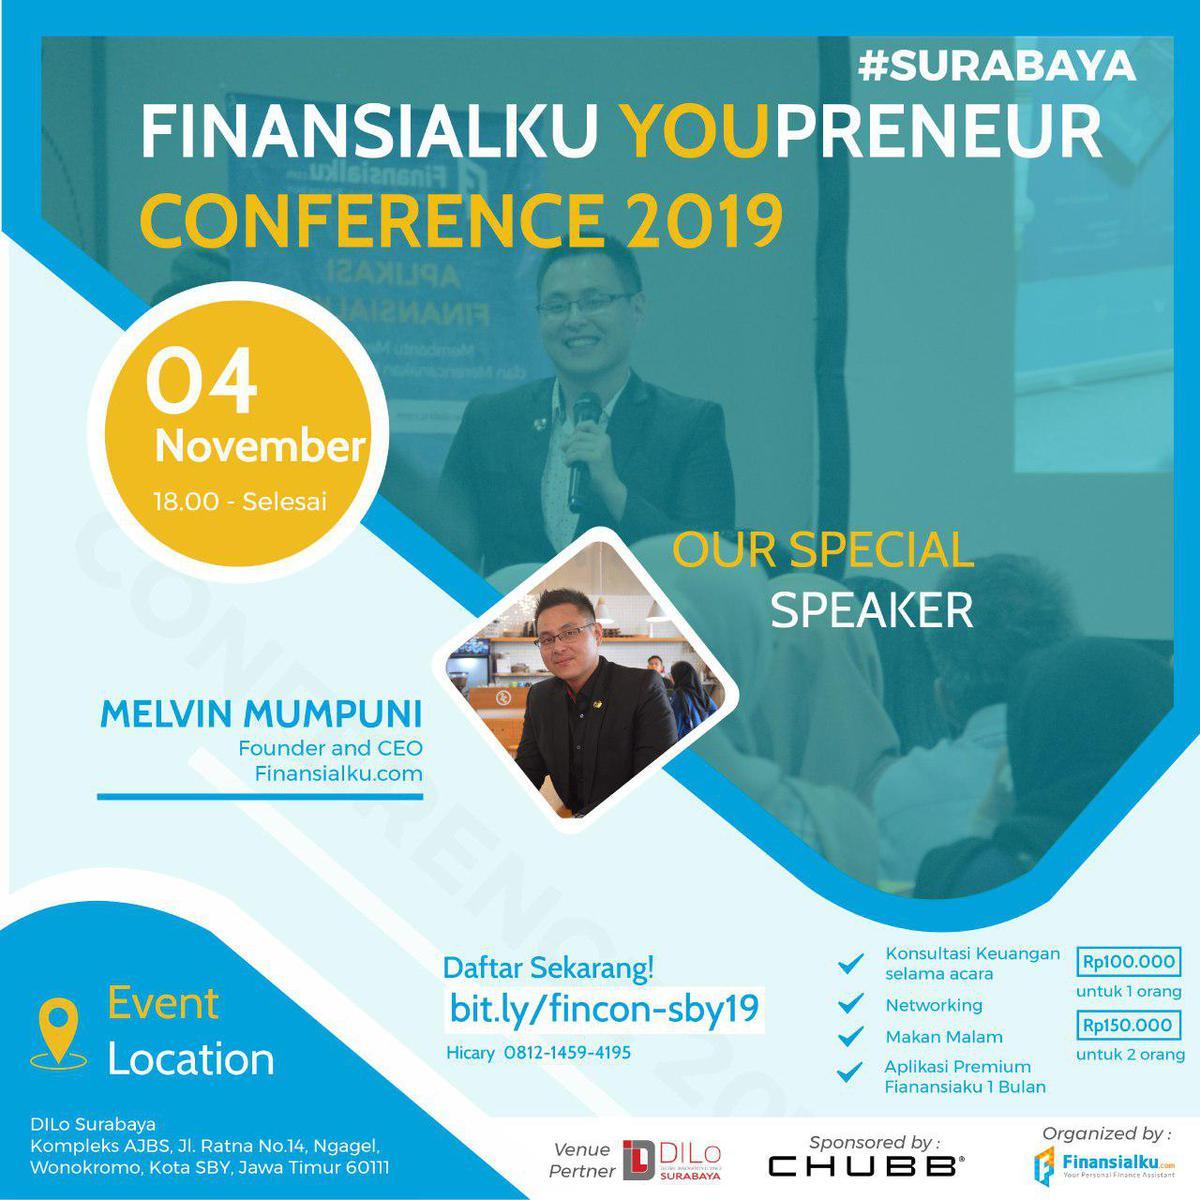 Finansialku Youpreneur Surabaya 2019